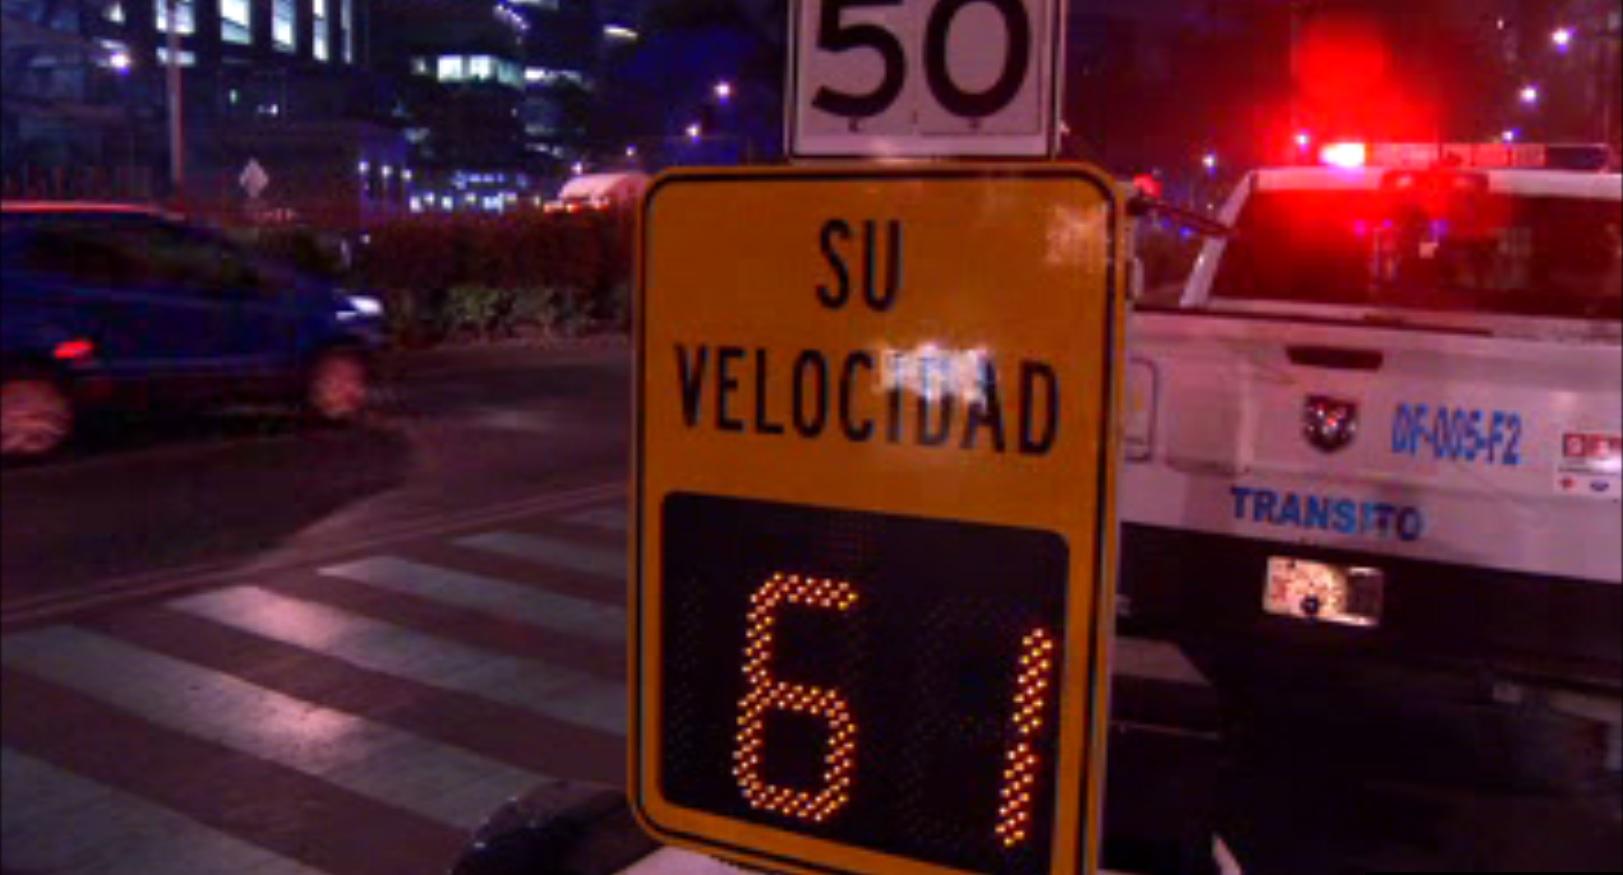 Autoridades capitalinas instalan lector de velocidad sobre Paseo de la Reforma, pero no emitirá infracciones o sanciones (Noticieros Televisa)